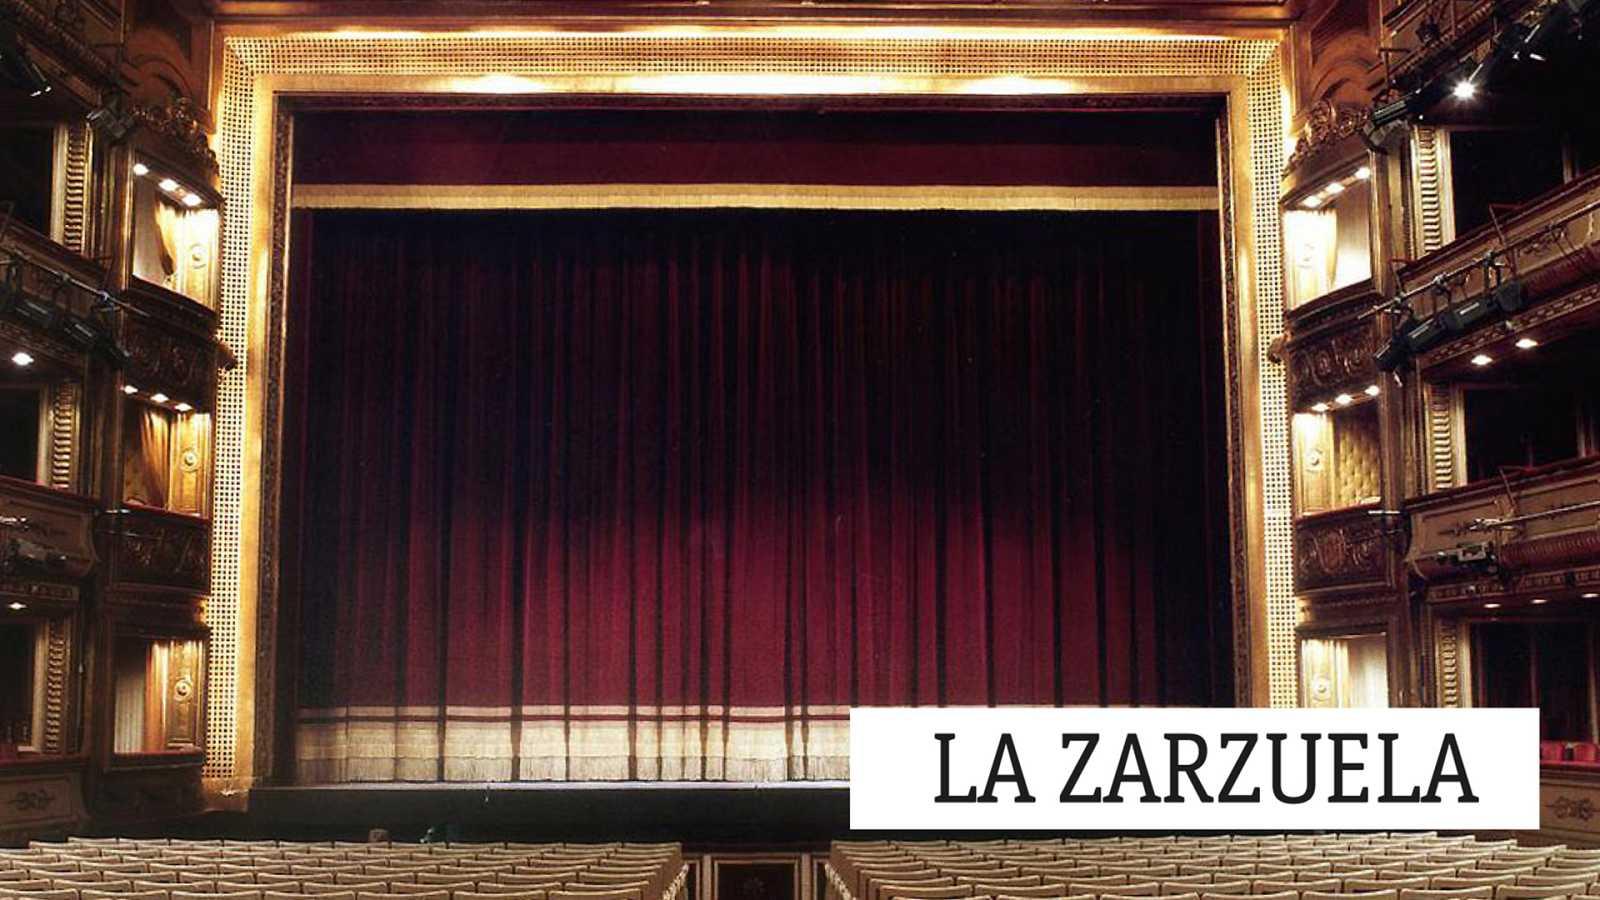 La zarzuela - Julián Molina e Indalecio Cisneros - 31/05/20 - escuchar ahora